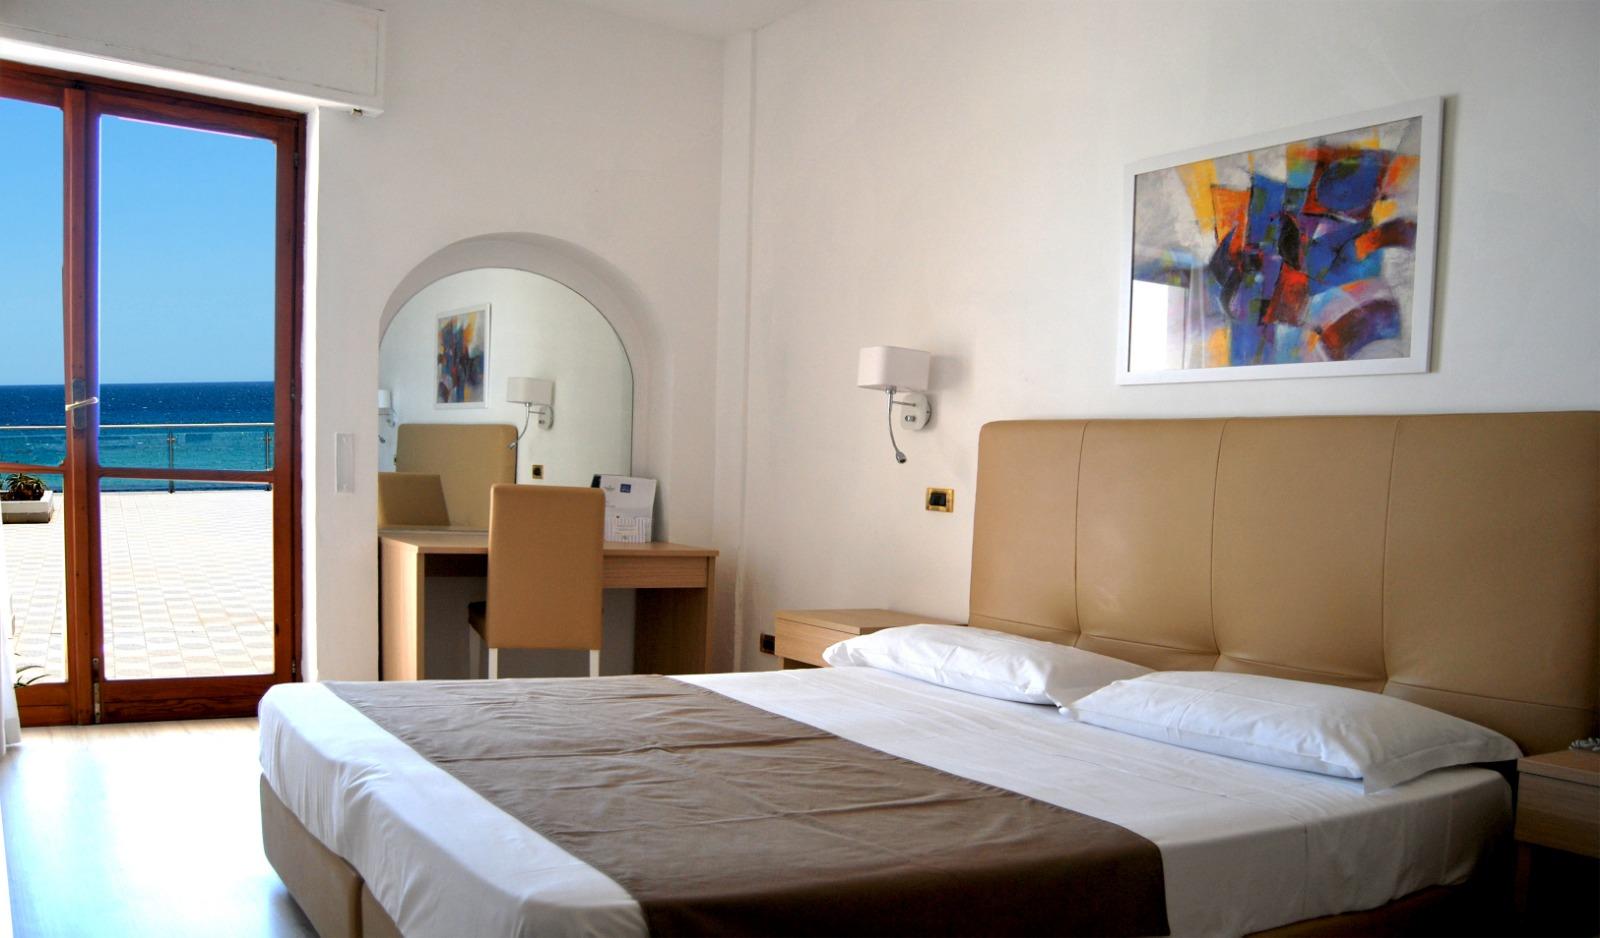 Camere Letto A Castello.Camere Classic Hotel Fontane Bianche